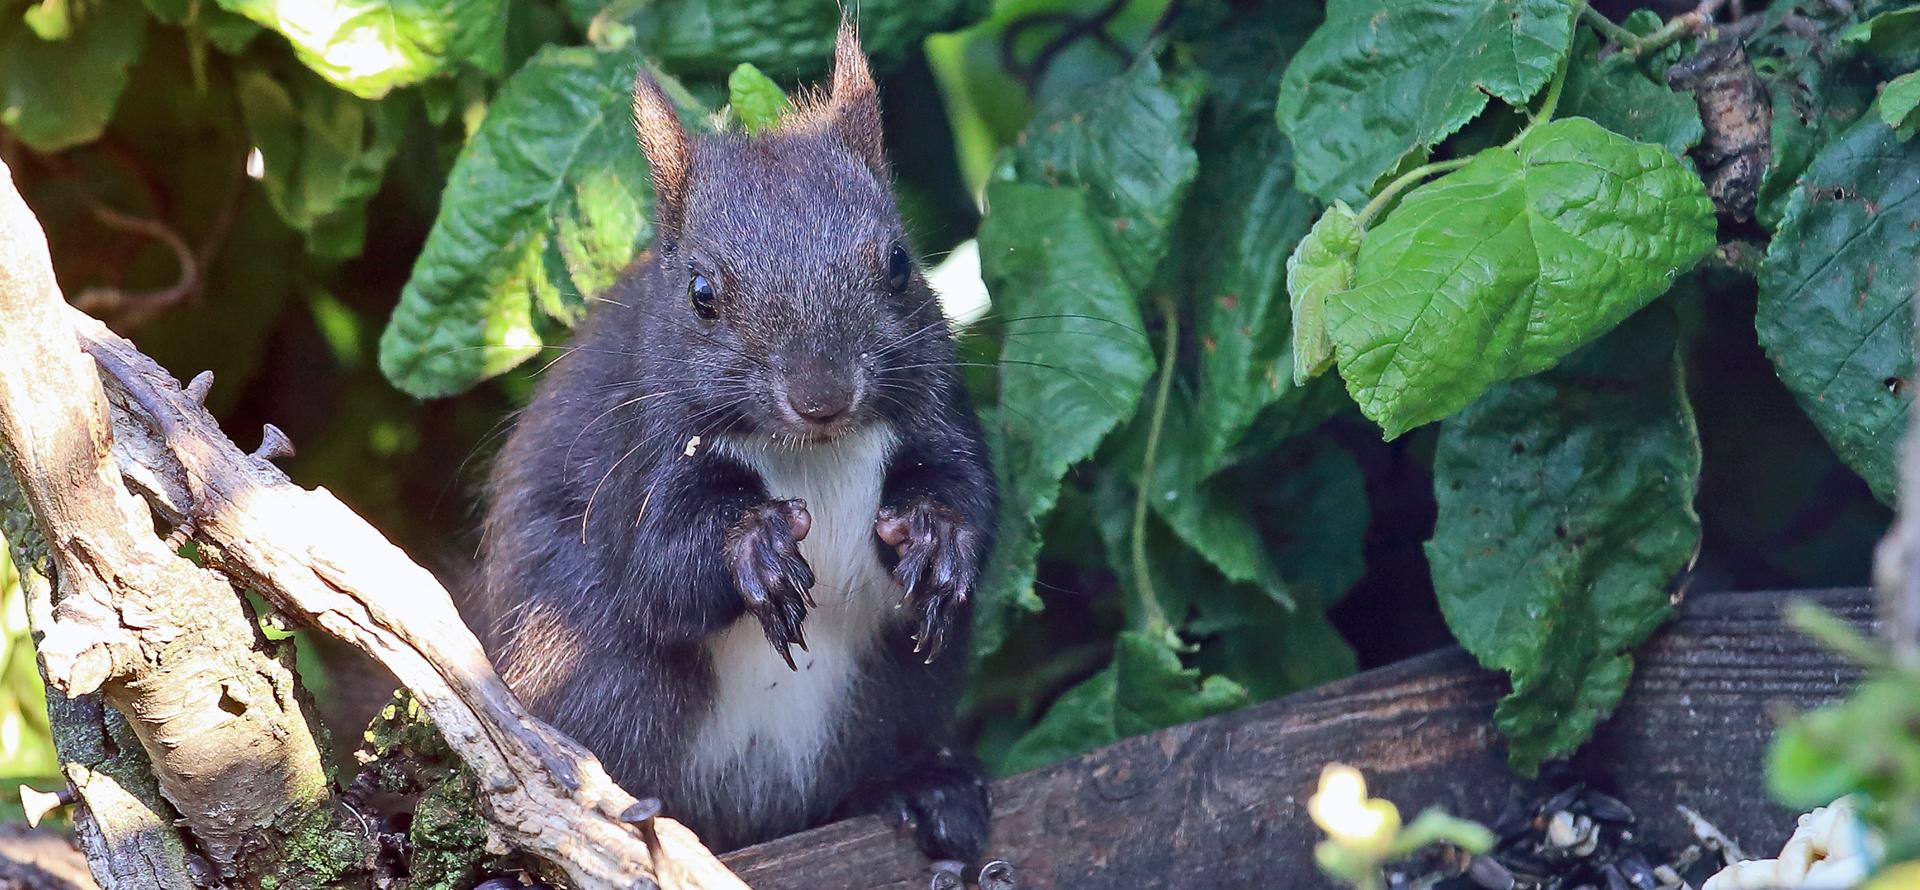 Ein aufmerksamer Blick an der Futterstelle und das Eichhörnchen...